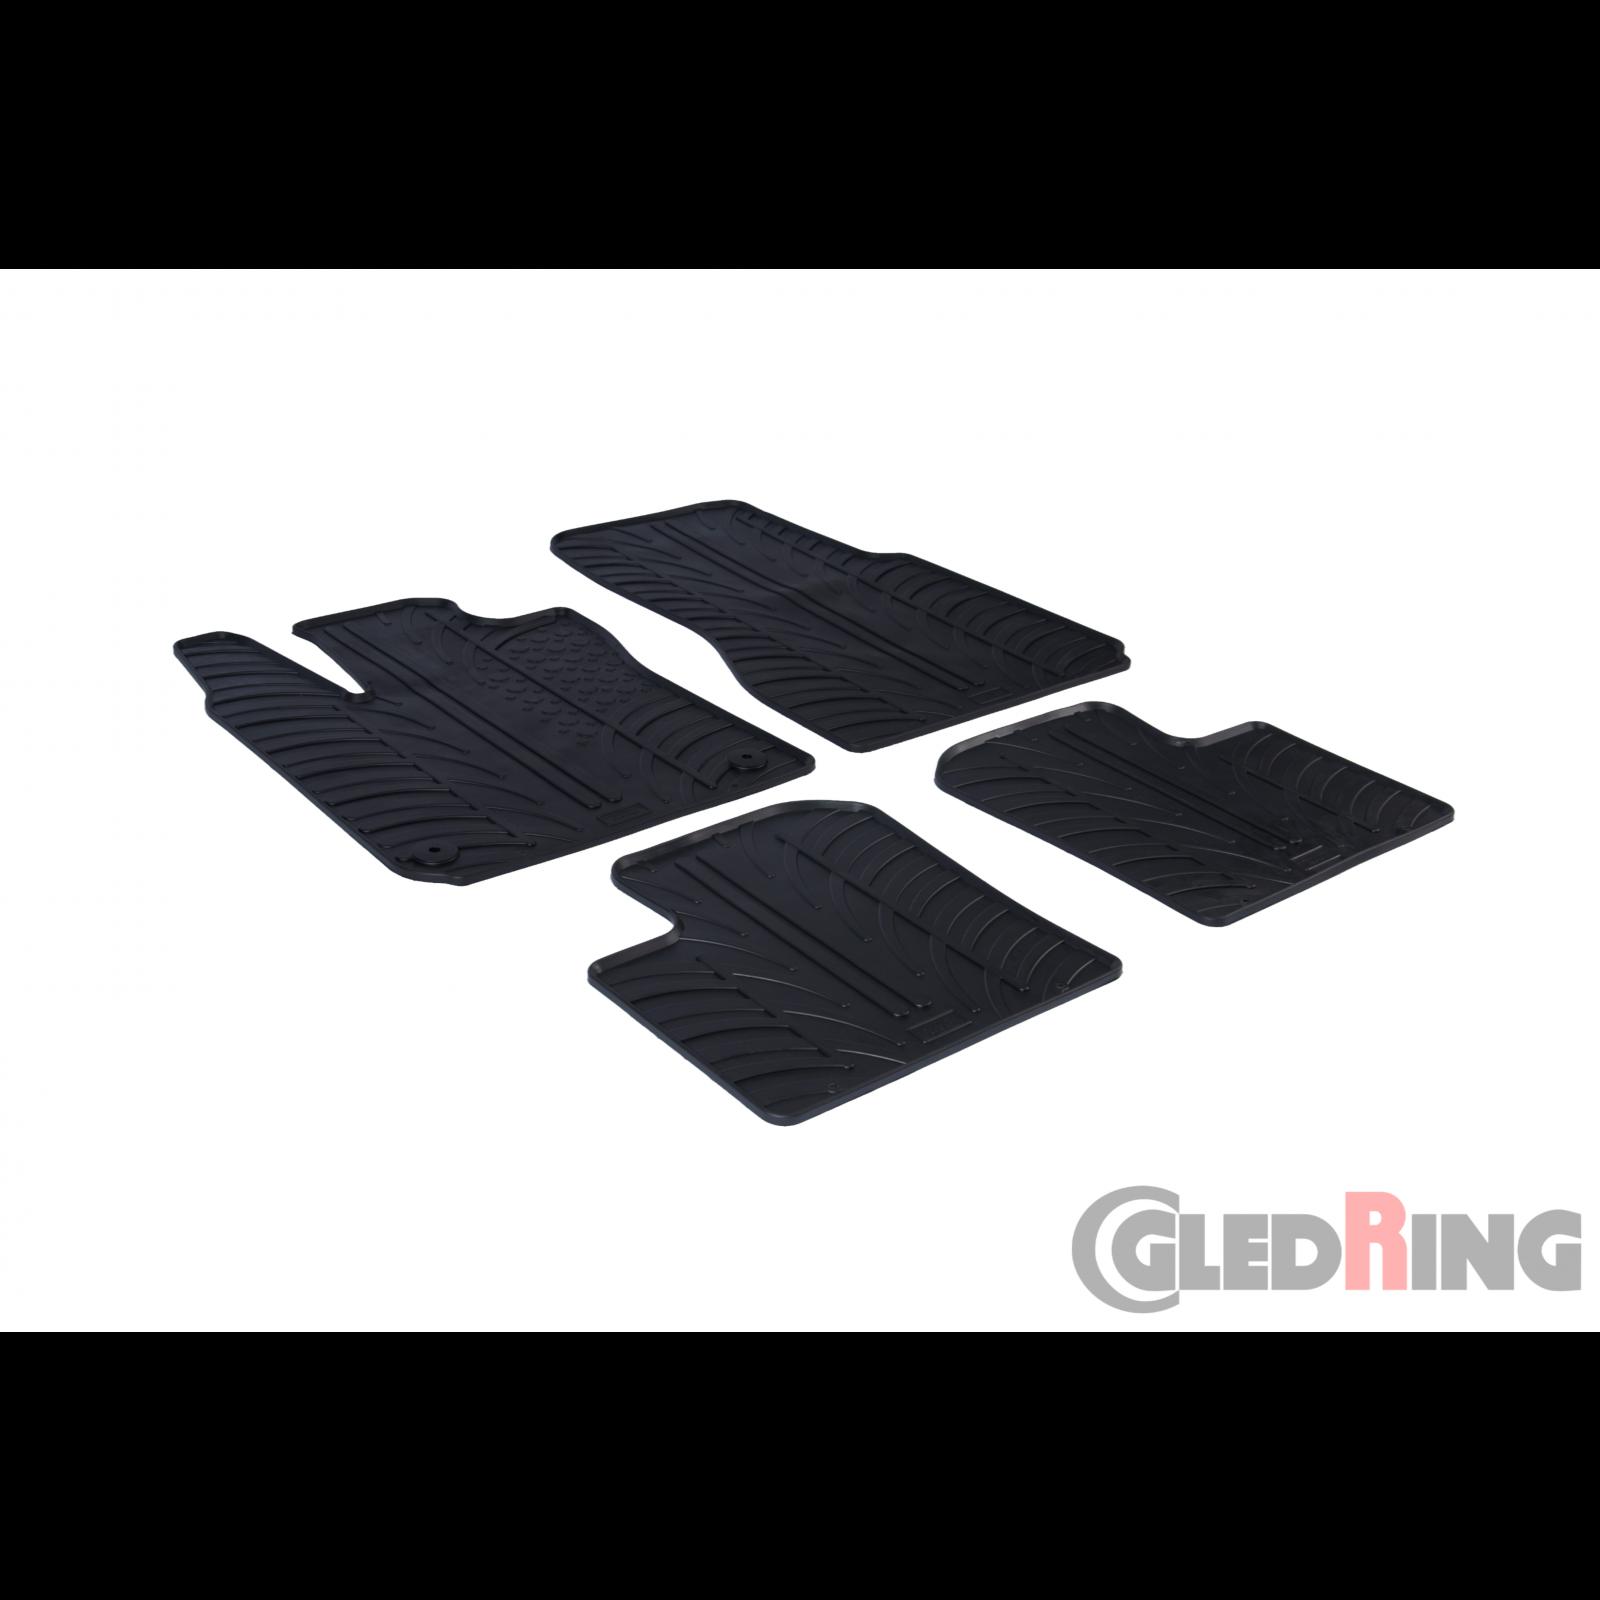 tapis en caoutchouc pour renault twingo. Black Bedroom Furniture Sets. Home Design Ideas